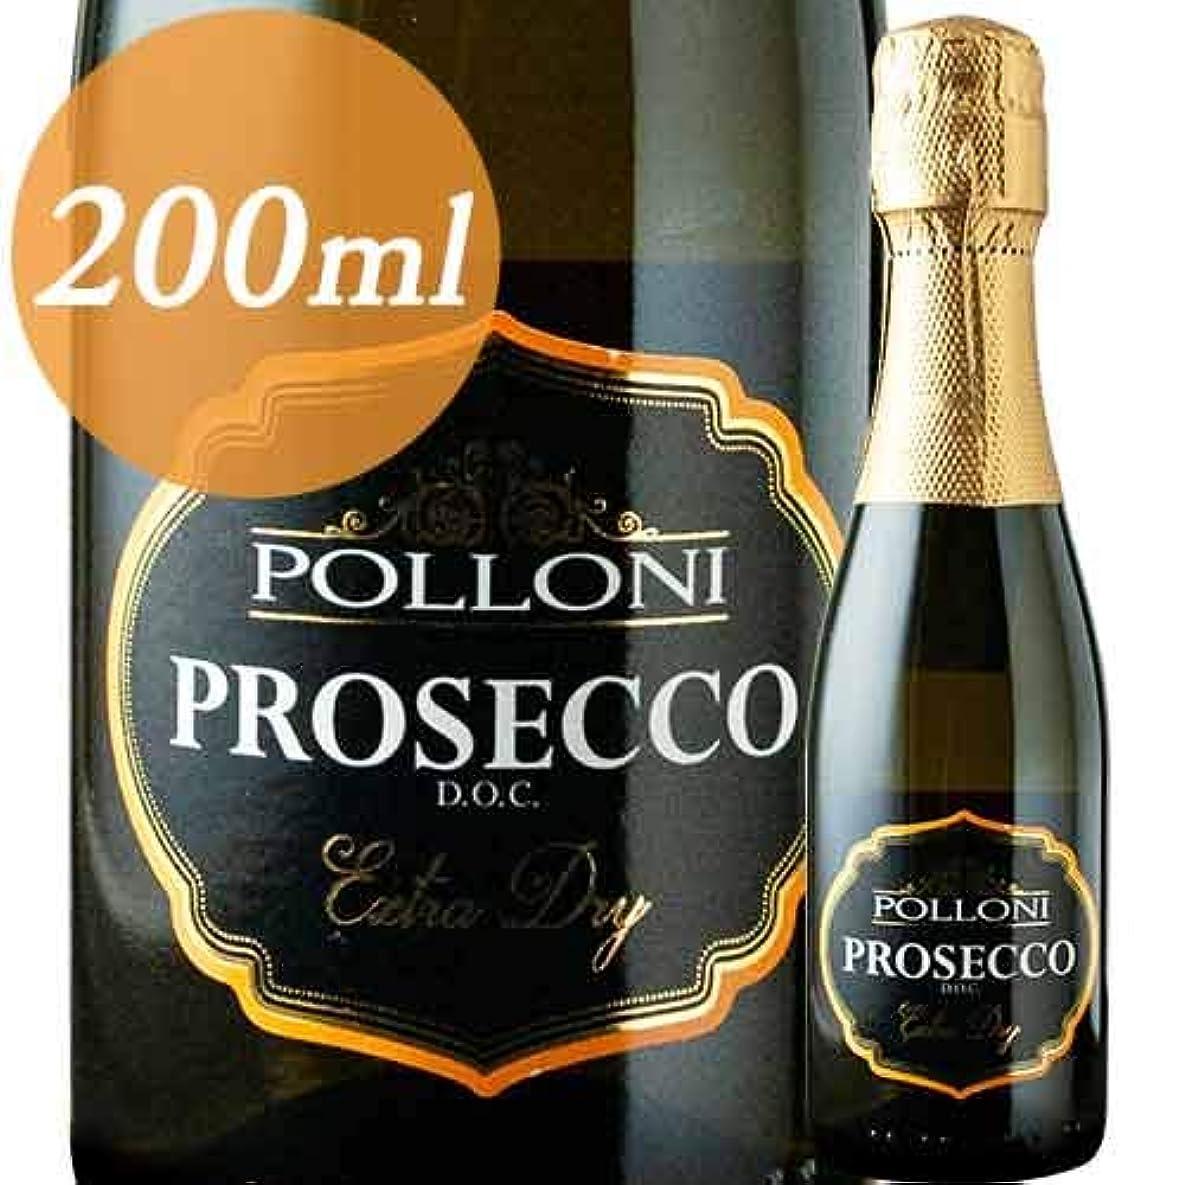 台風一貫した外国人ポローニ?プロセッコ ワイン?ピープル NV イタリア ヴェネト スパークリングワイン?白 辛口 200ml